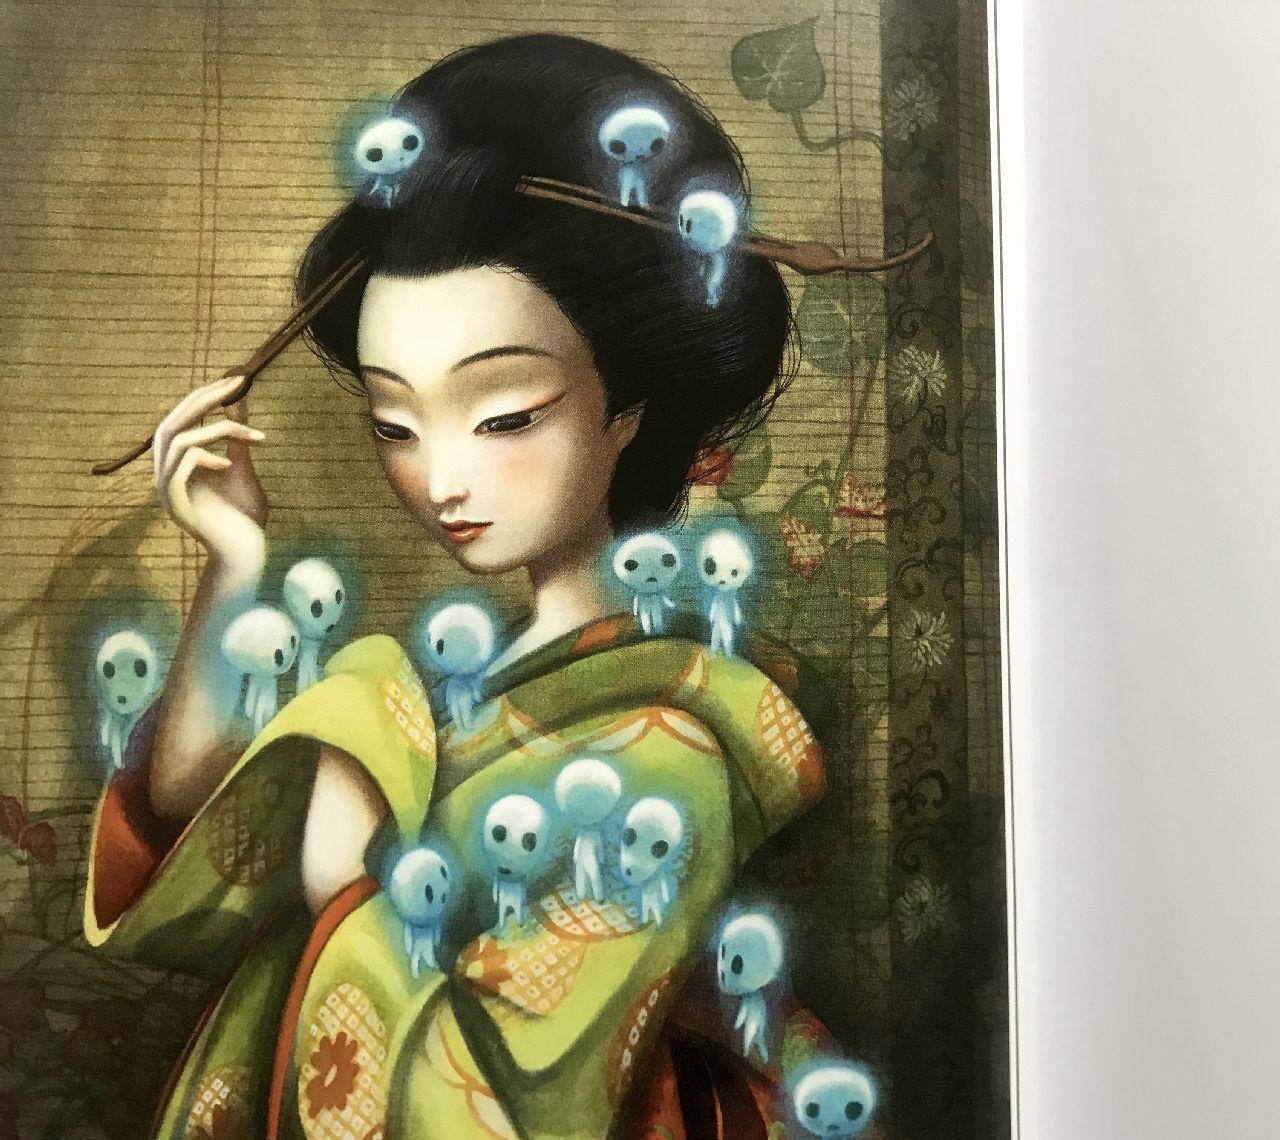 Lafcadio Hearn - Benjamin Lacombe, Spiriti e creature del Giappone, L'ippocampo